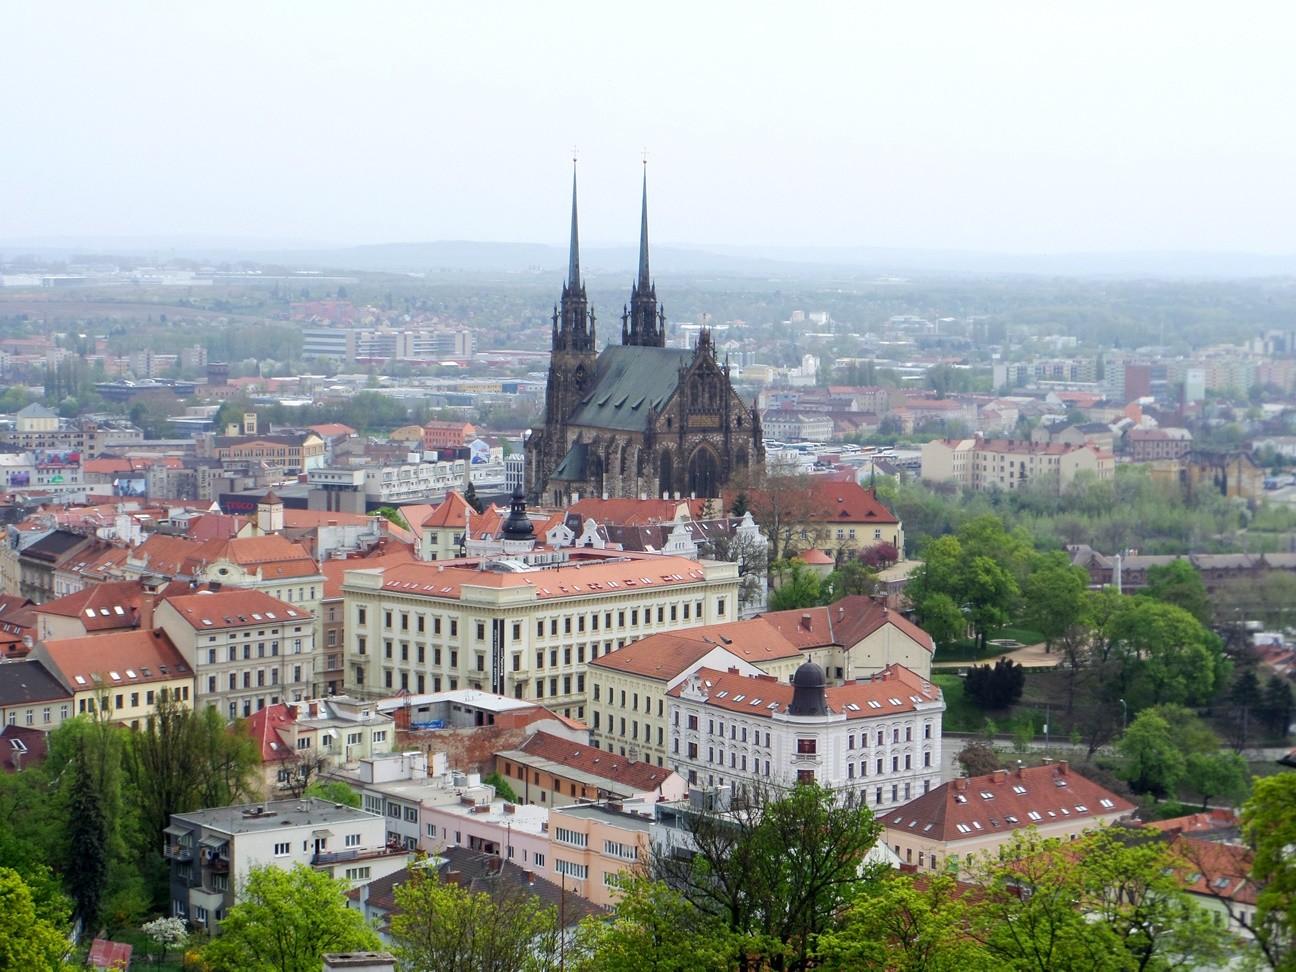 Esperienza a Brno, Repubblica Ceca, by Filip